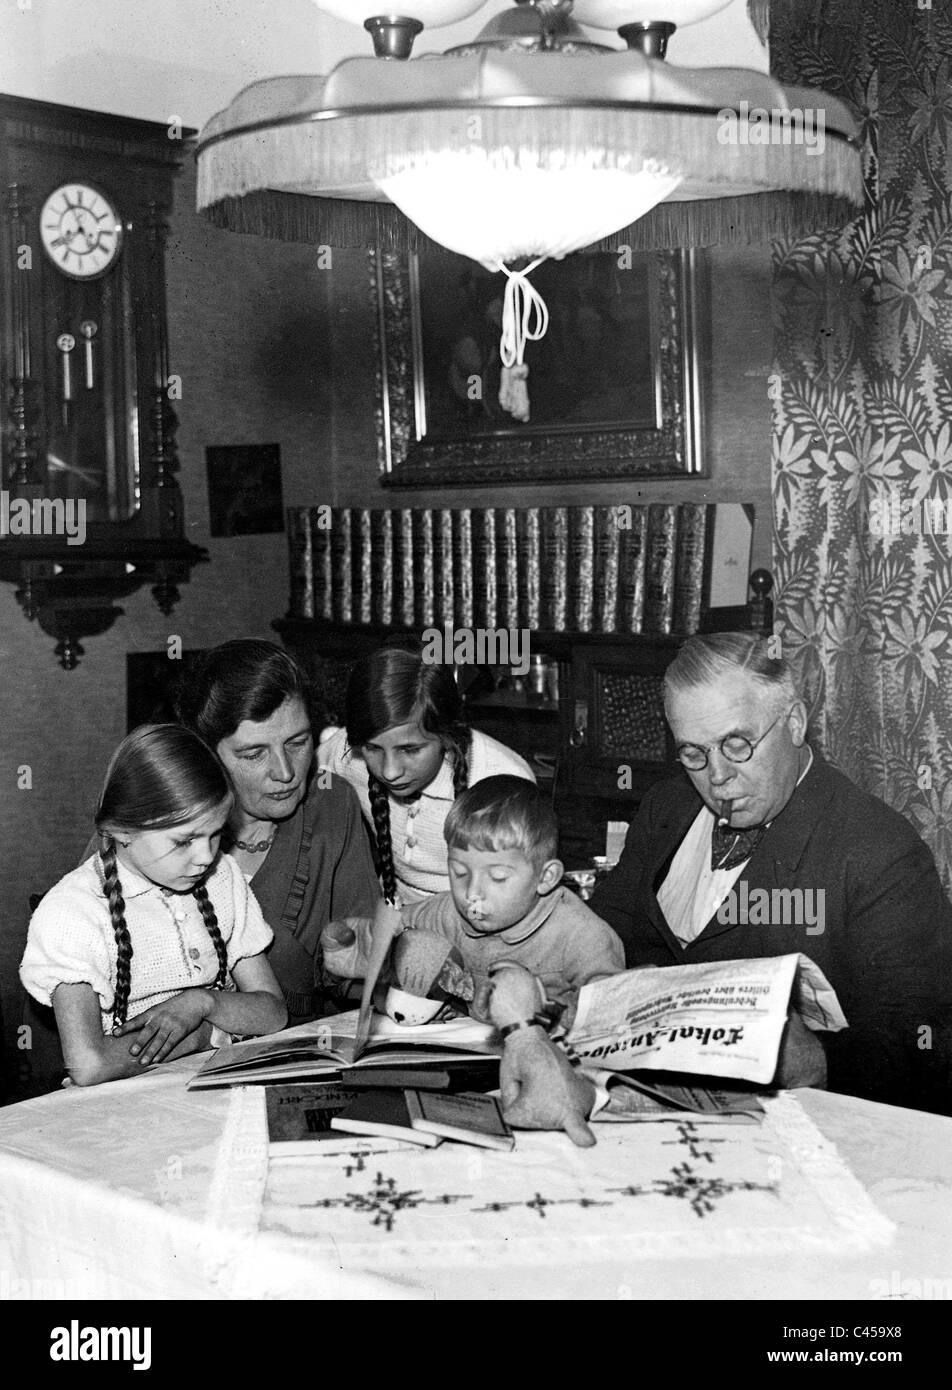 Famille petit bourgeois de Berlin dans les années 30 Photo Stock